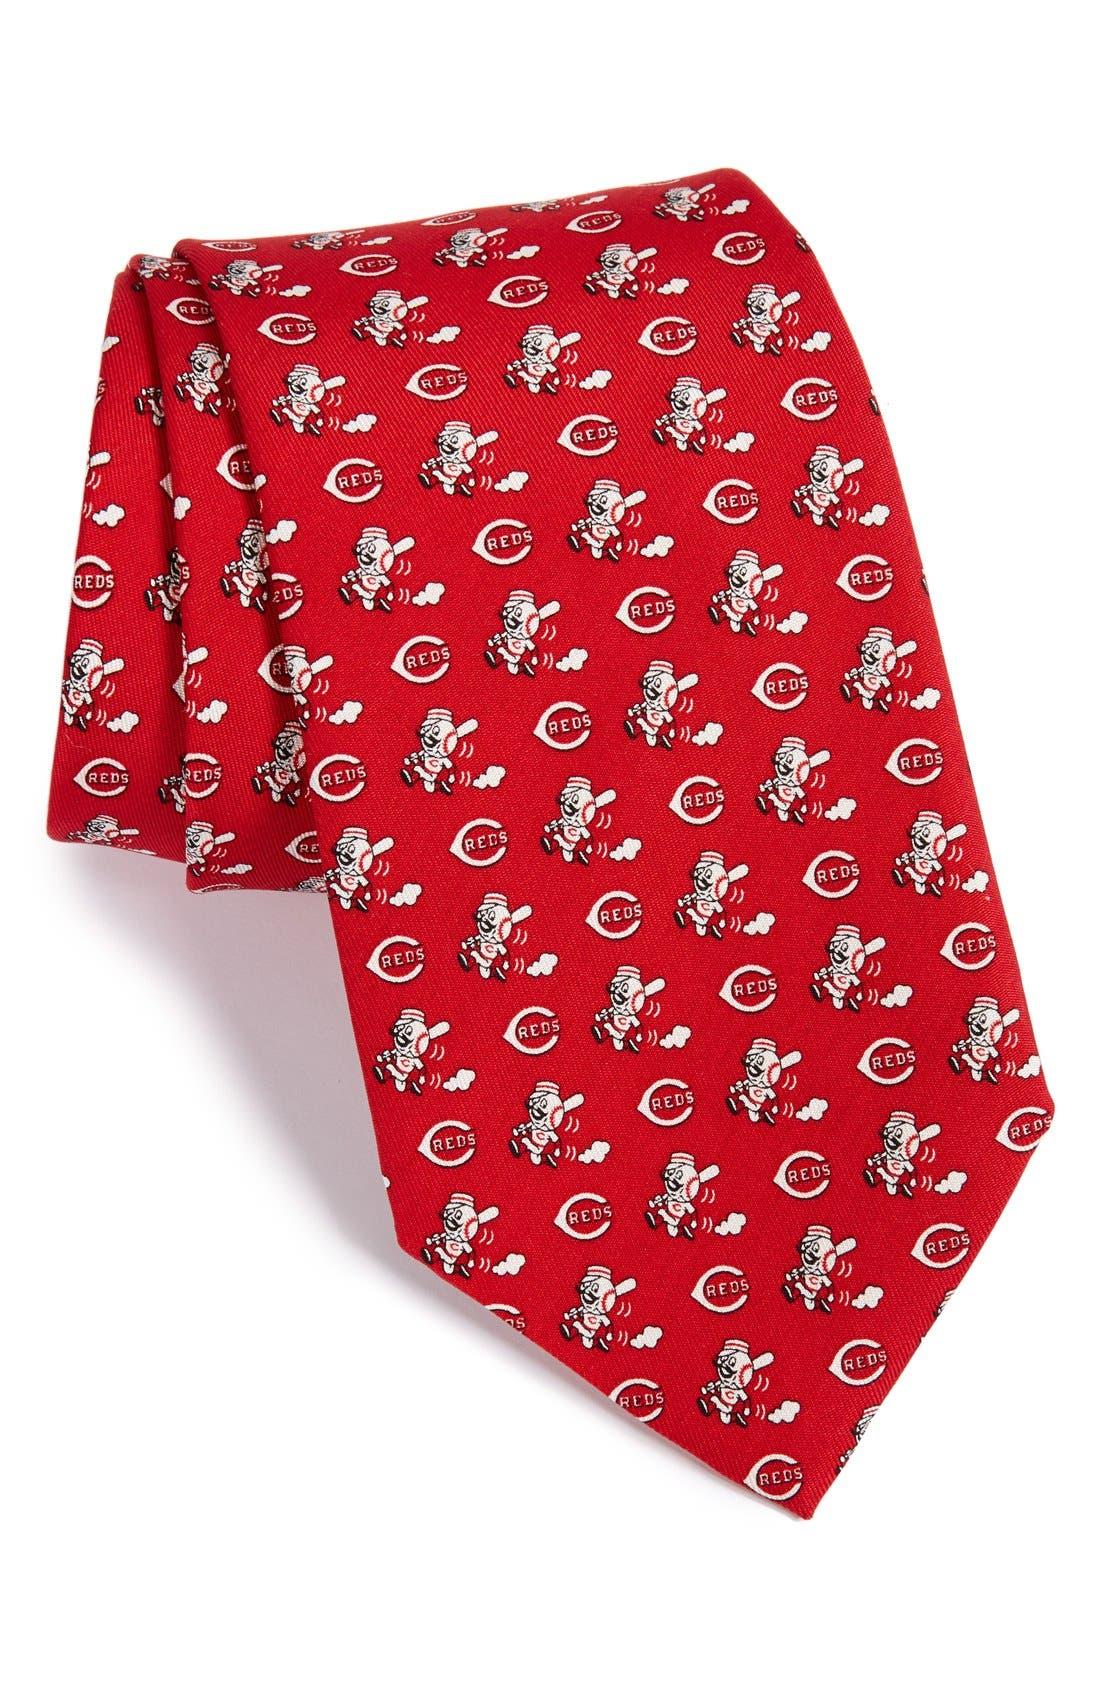 'Cincinnati Reds - MLB' Print Silk Tie,                             Main thumbnail 1, color,                             Red